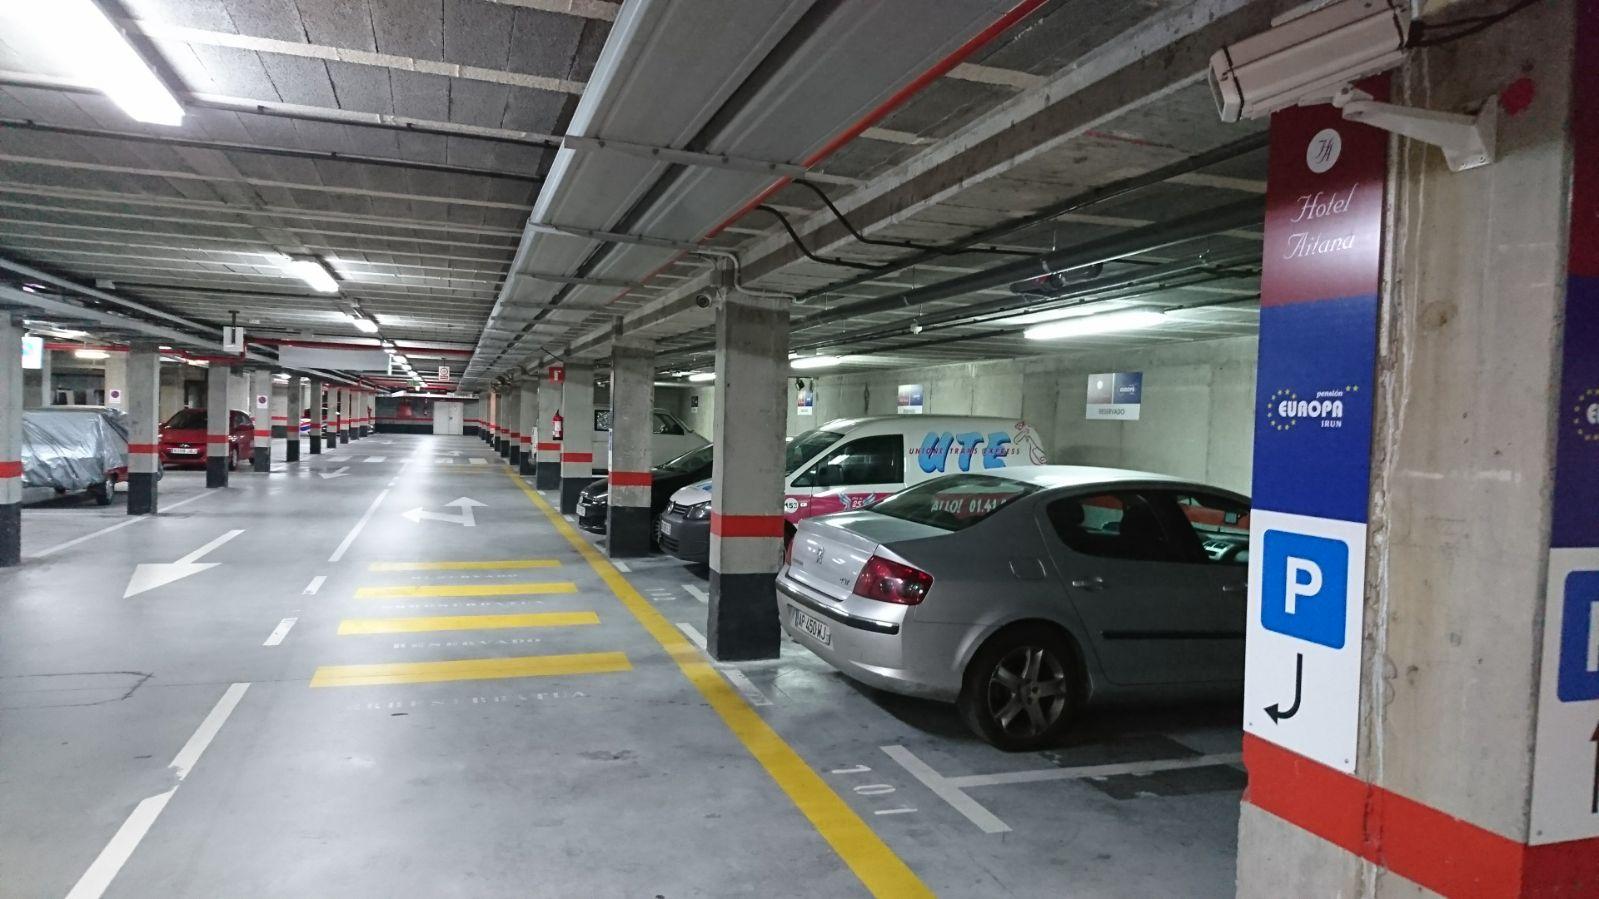 Servicios varios, entre otros, parking para clientes alojados y no alojados